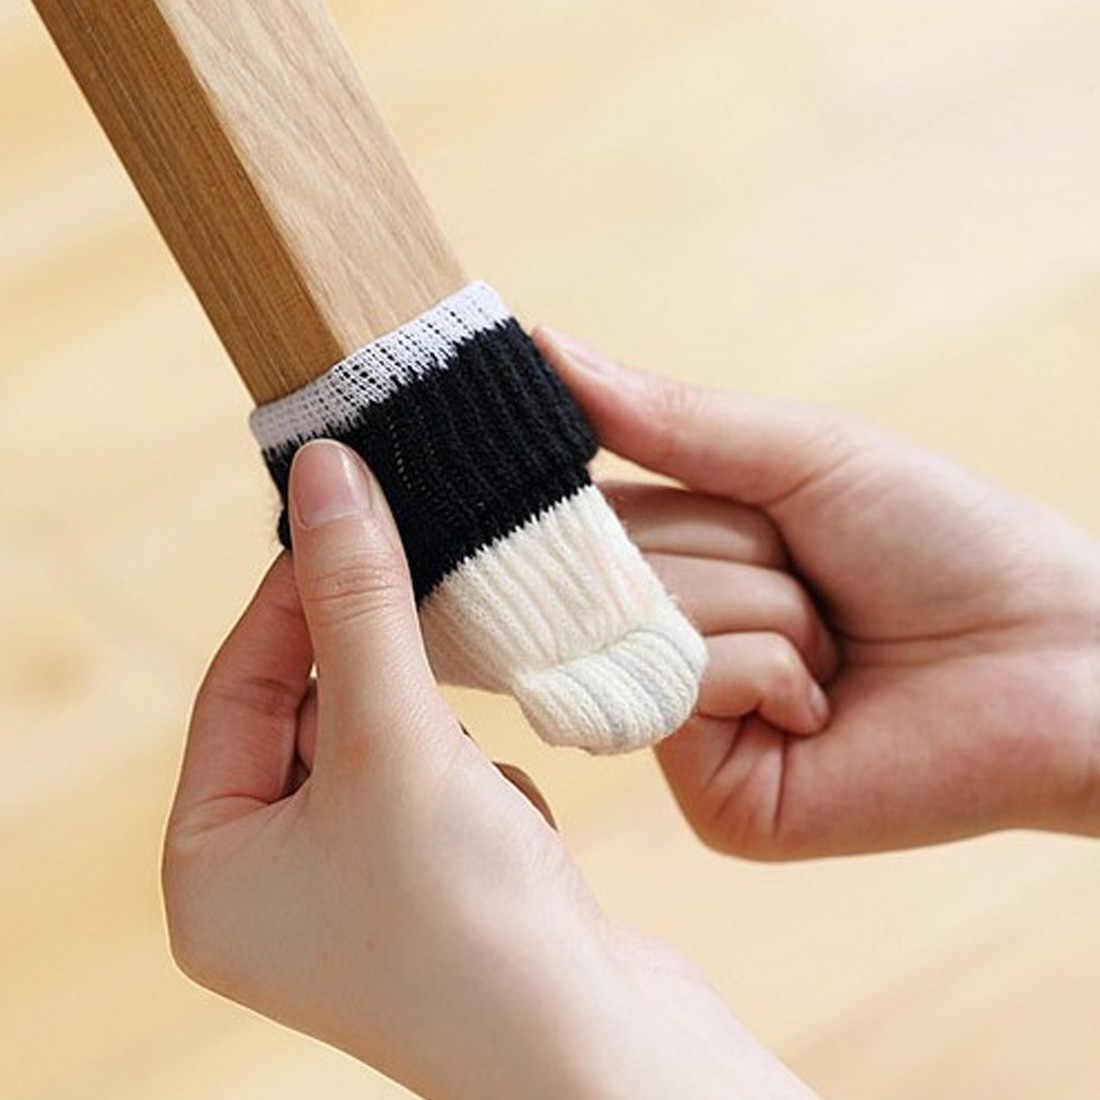 Защита для пола, стул, коврик для ног, мебель для ног, шерстяное вязаное покрытие, Чехол для стула, кошачьи подушечки, защита для пола, носки, стол